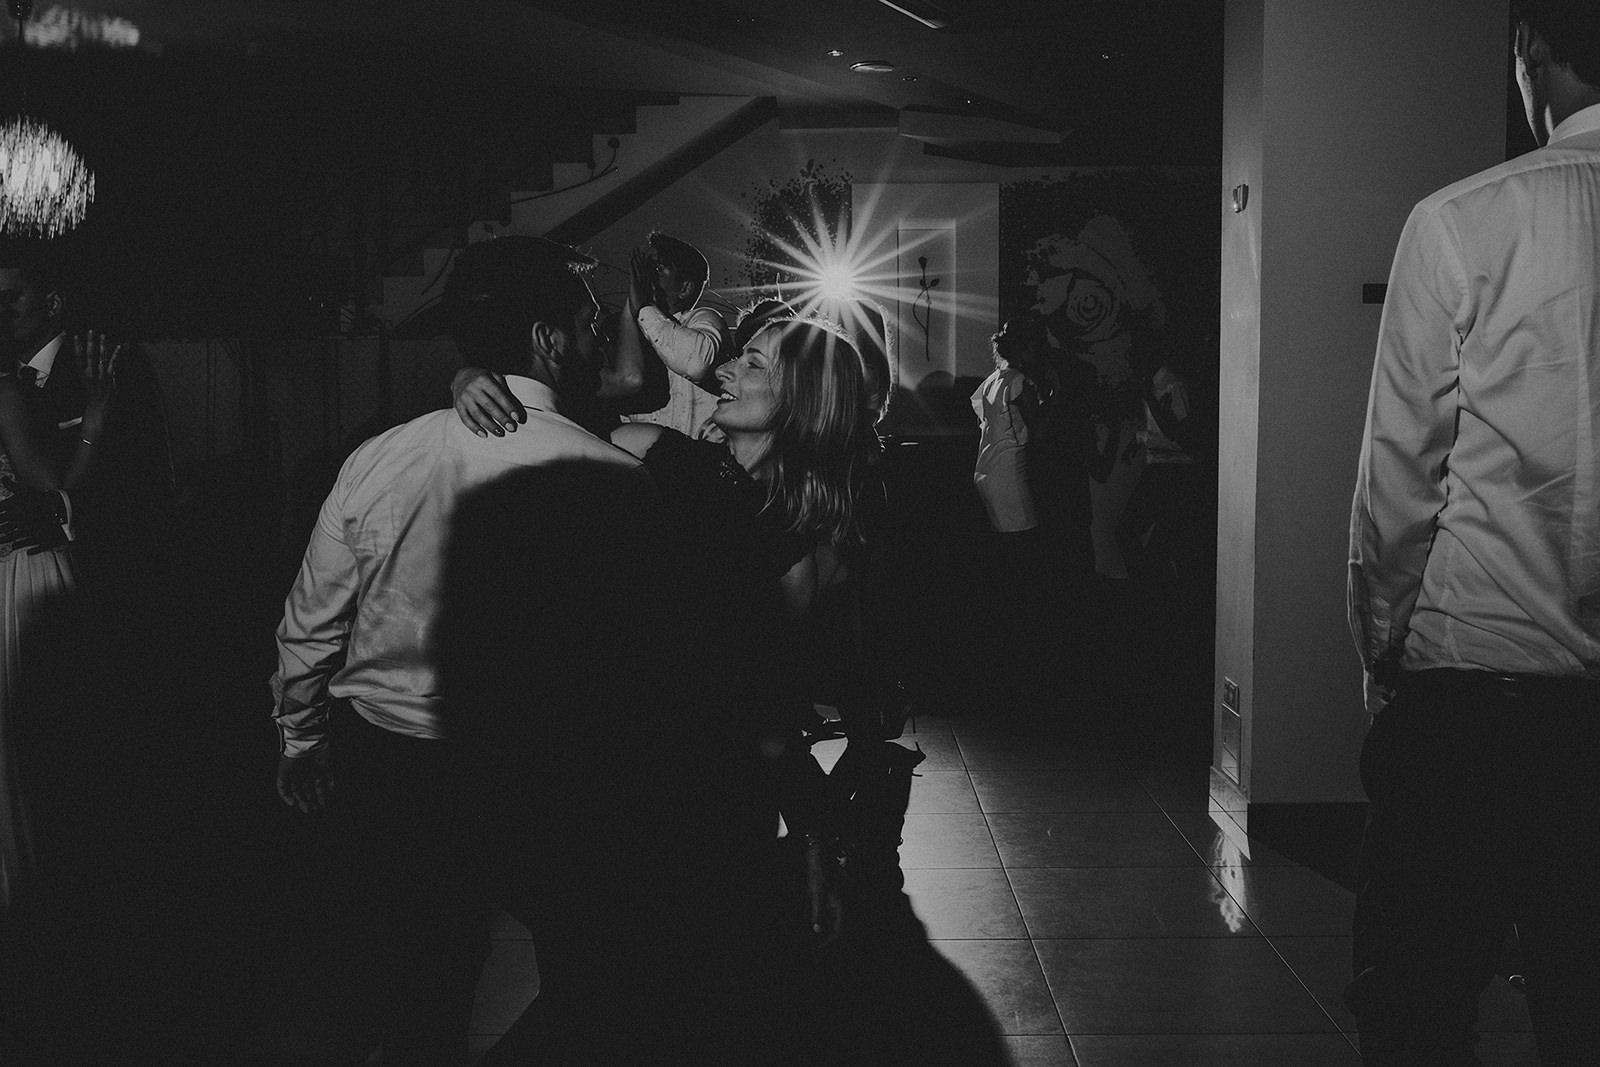 127_opolskie_fotografia_slubna_sala_weselna_dworek_rozany_namyslow.jpg